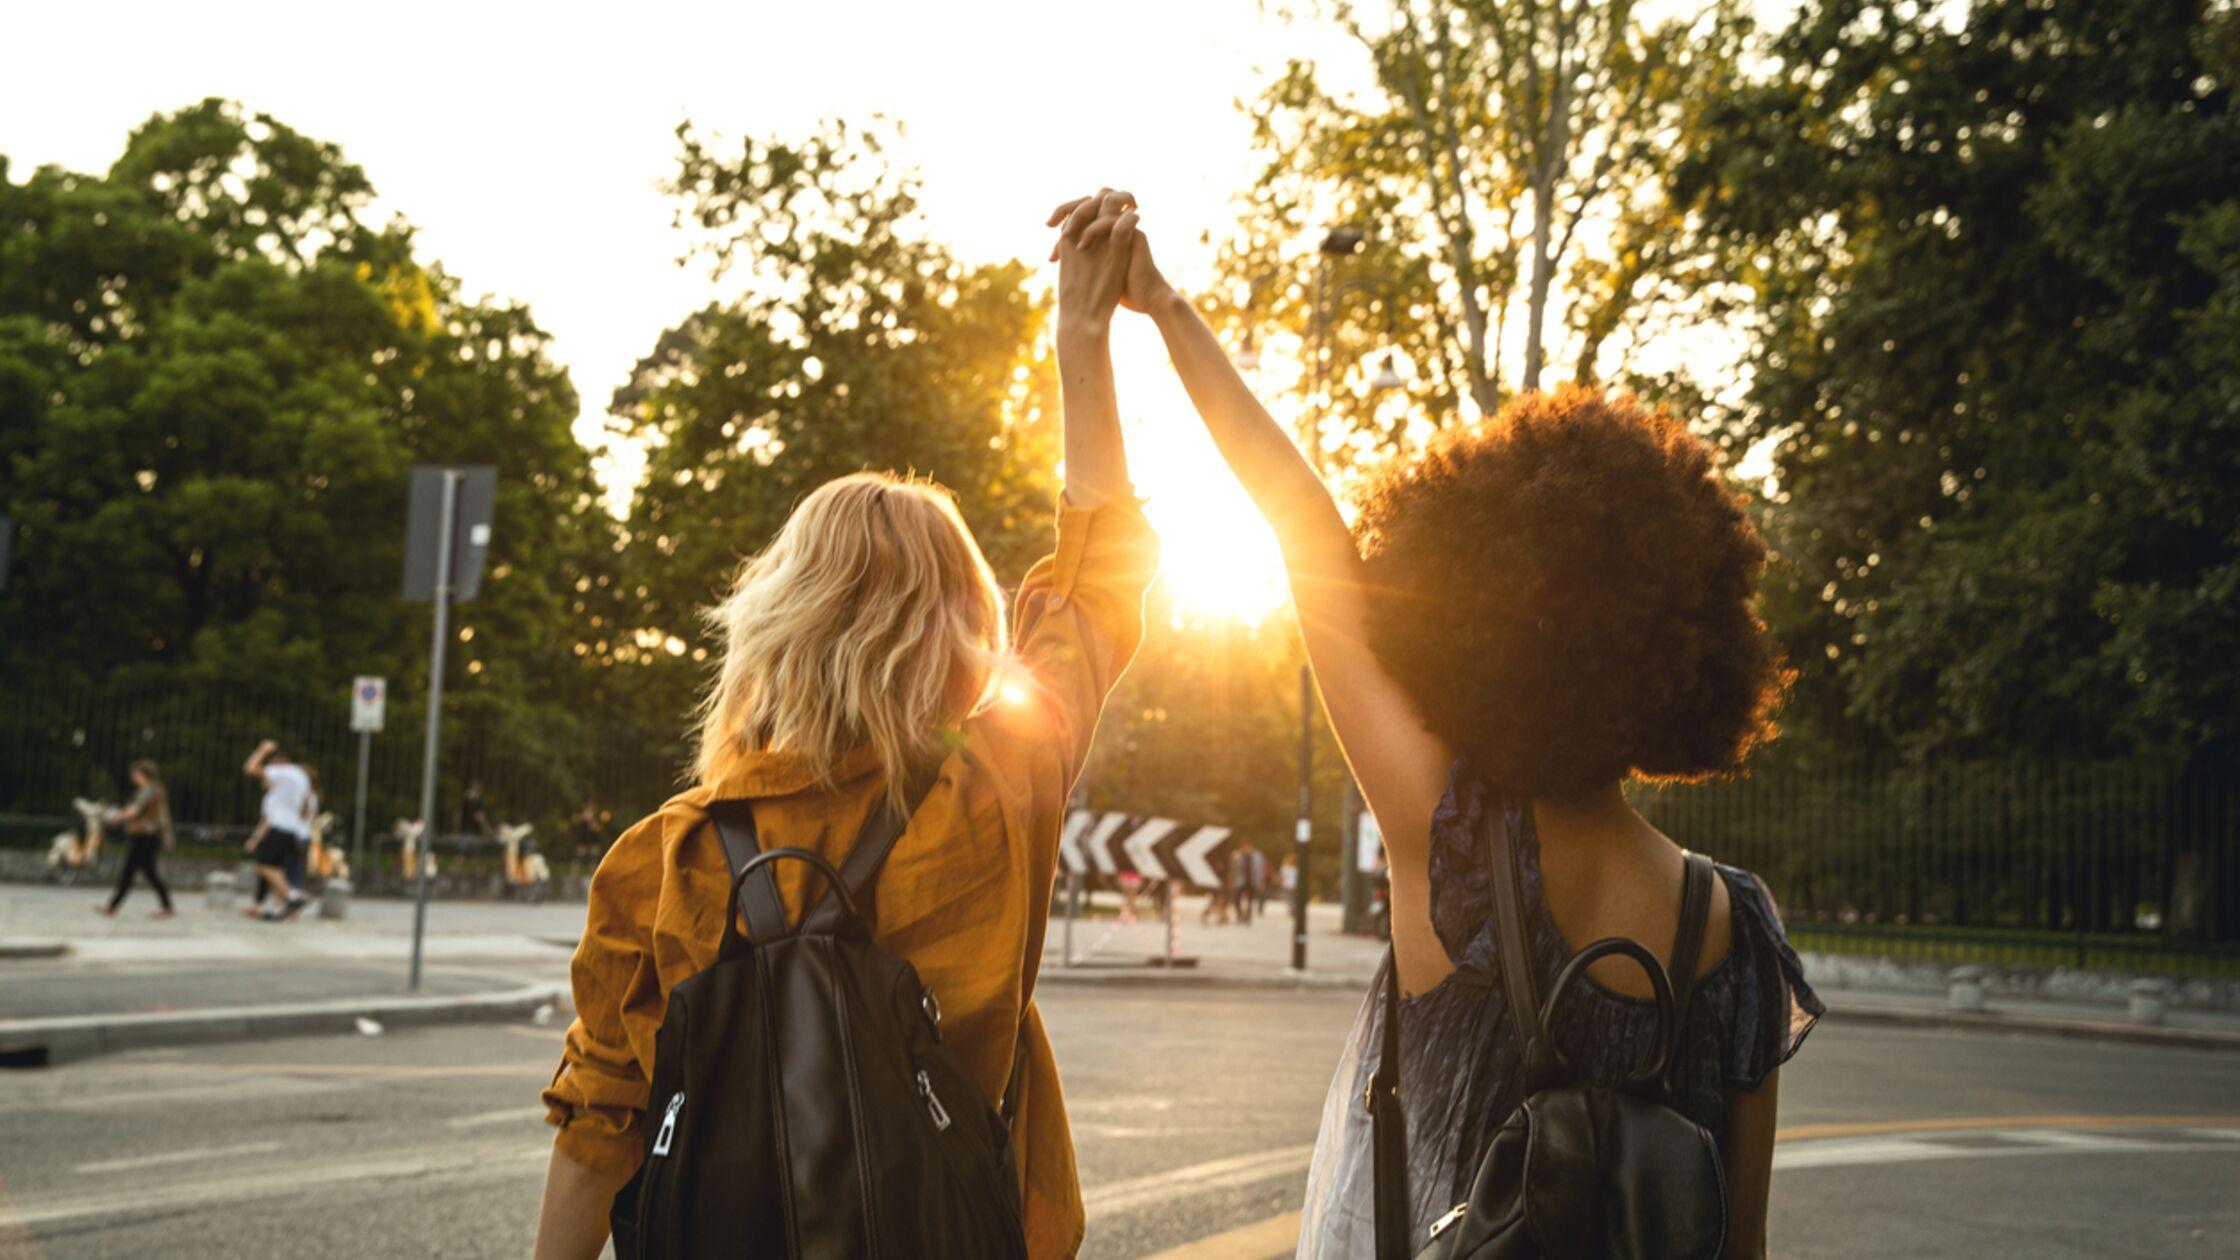 In Kontakt bleiben: So pflegen Sie alte Freundschaft nach dem Umzug